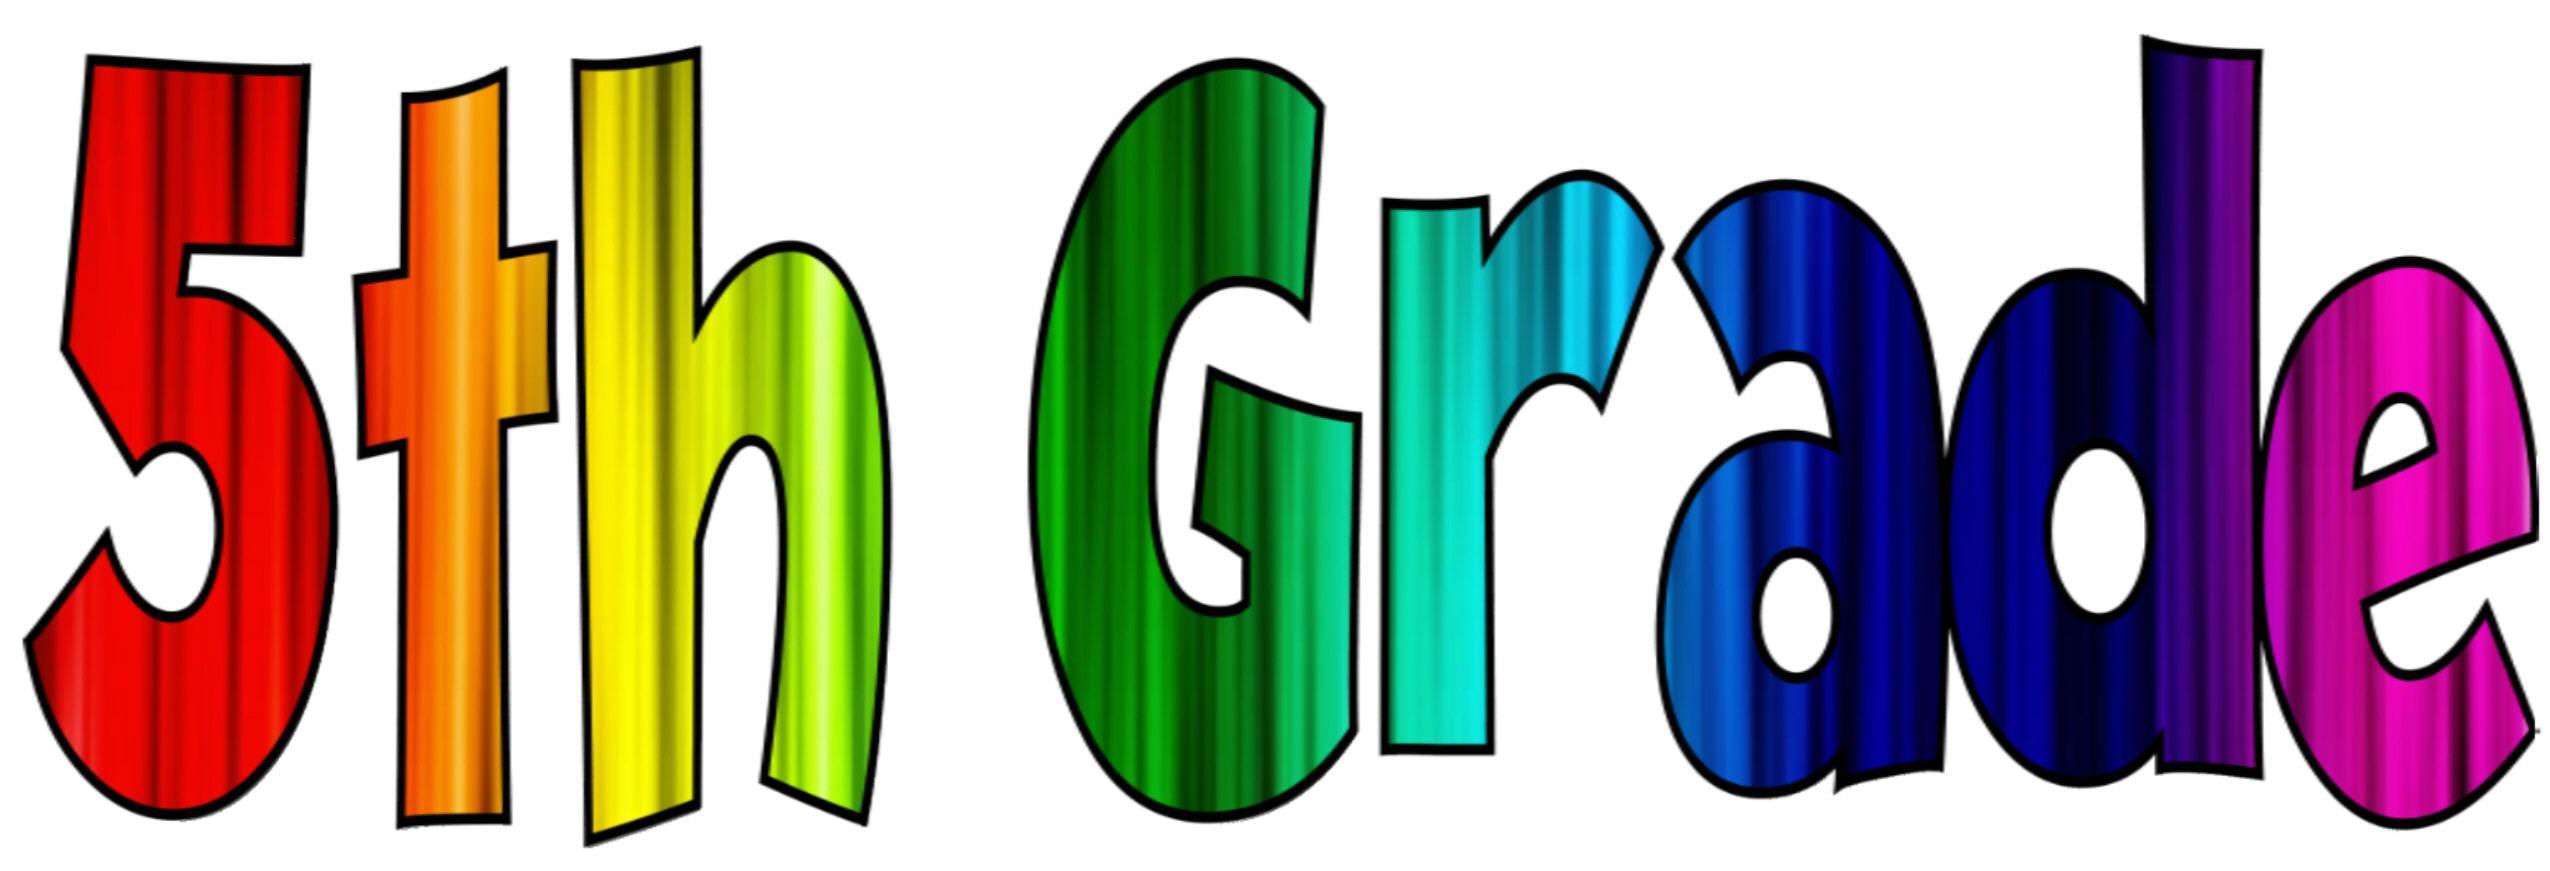 Free 5th Grade Cliparts, Download Free Clip Art, Free Clip.